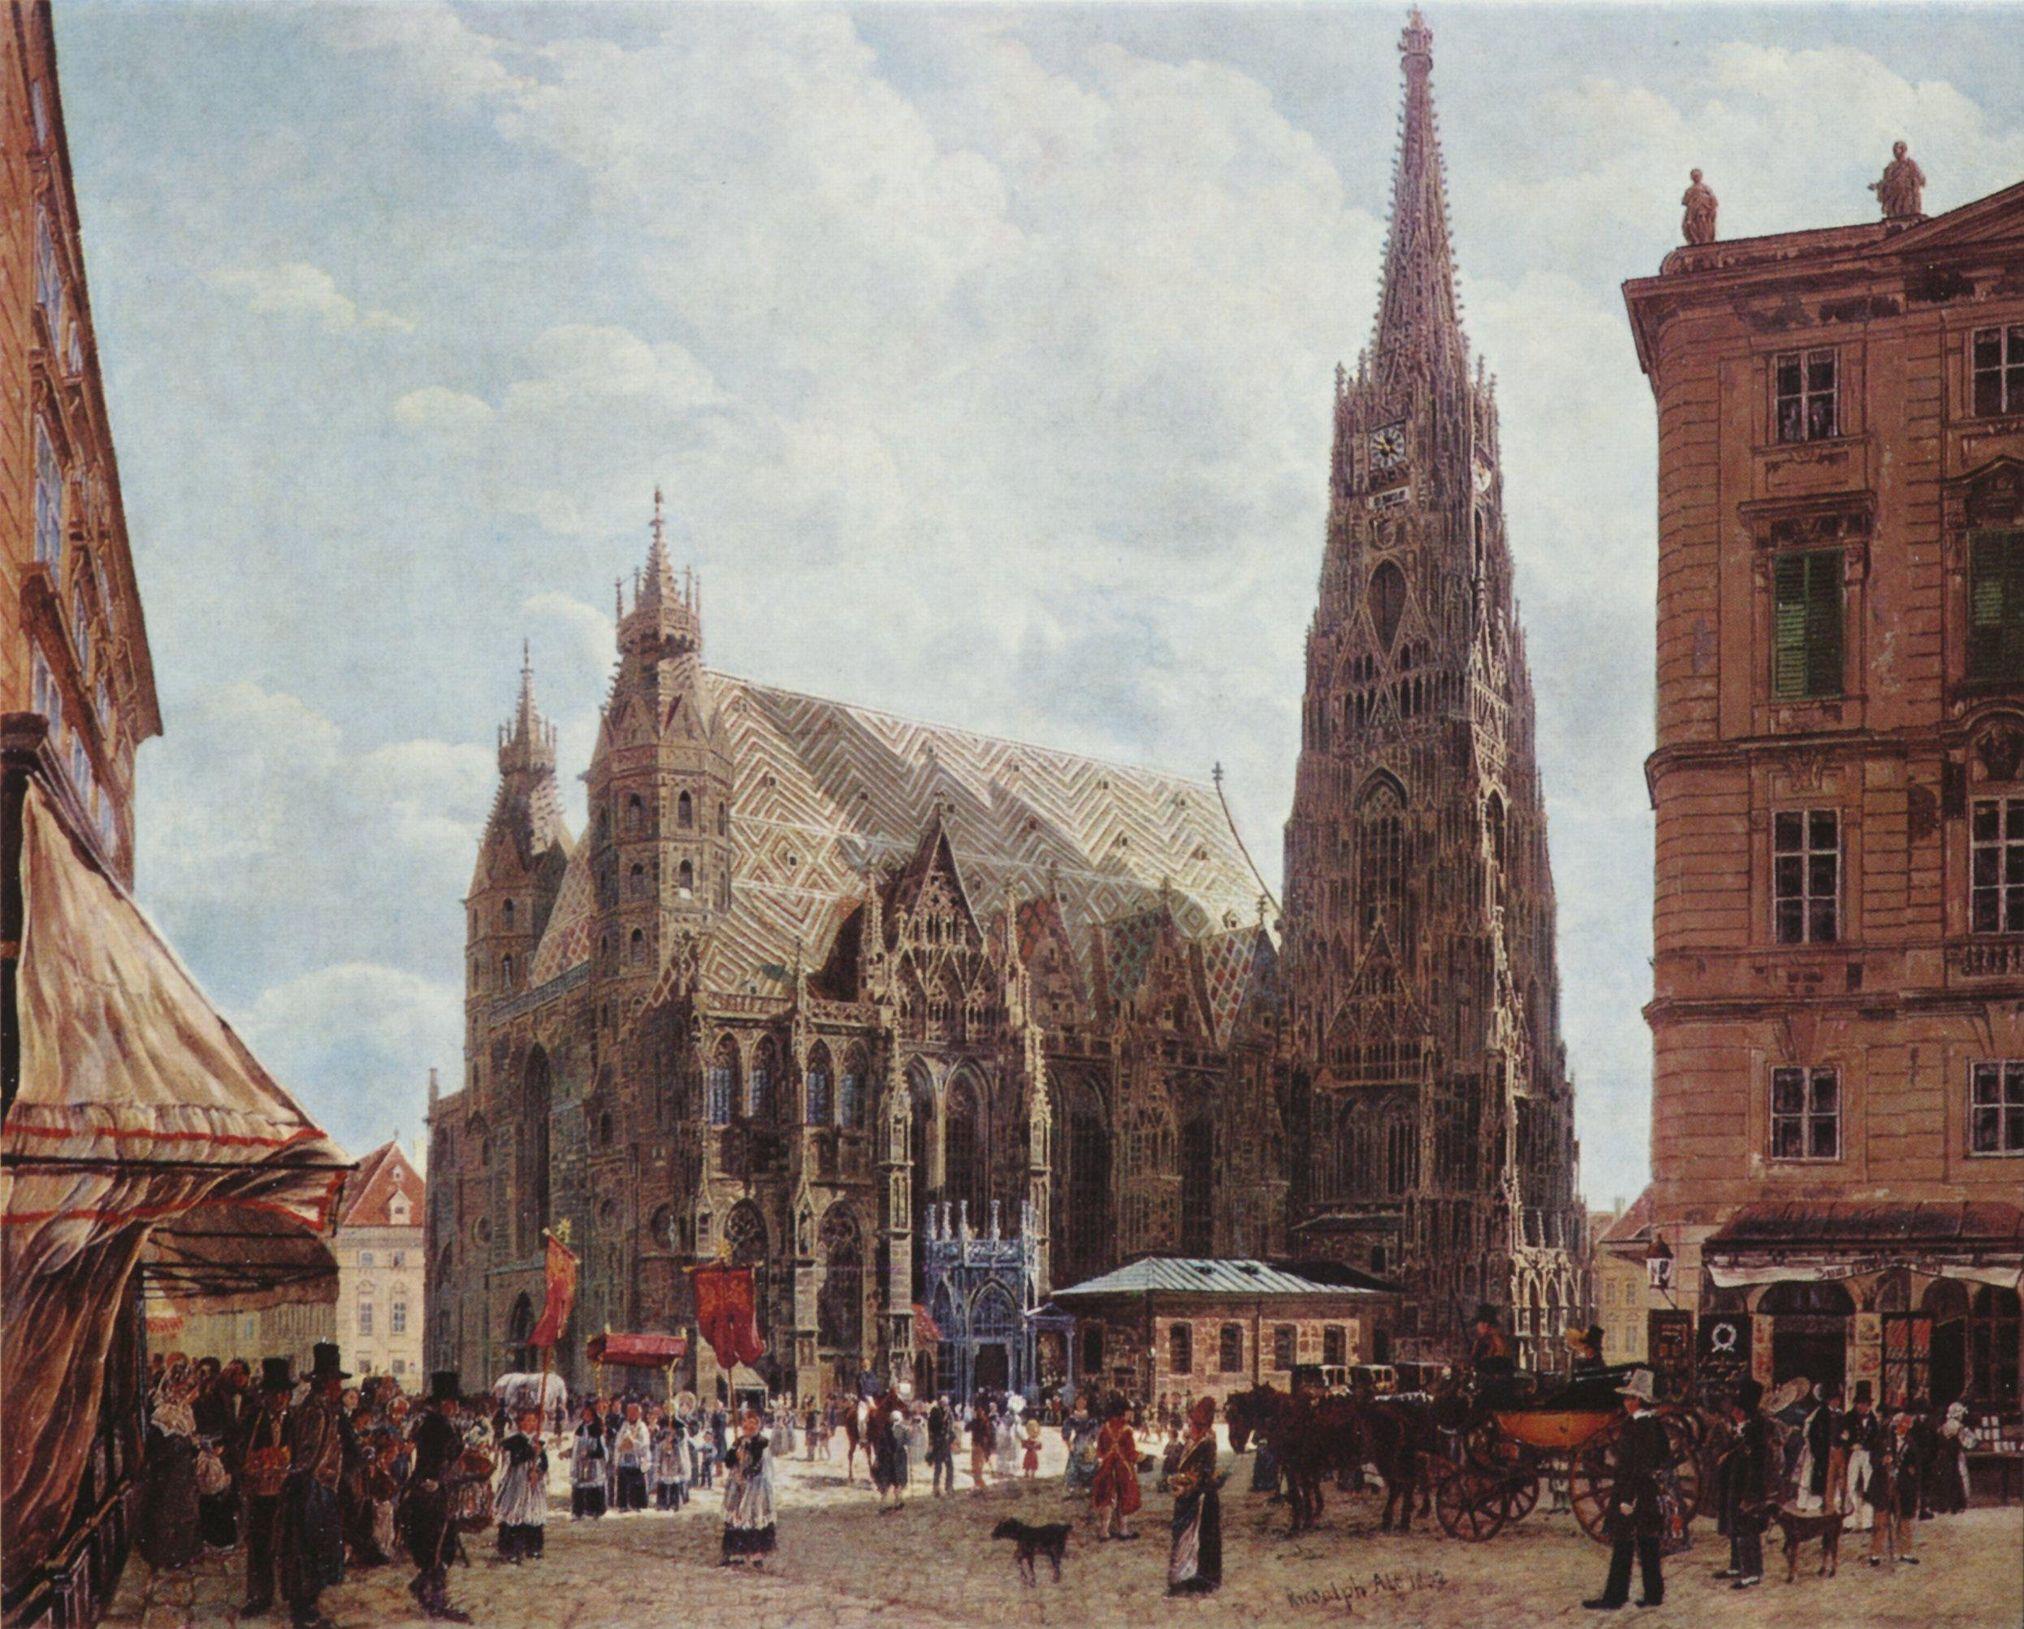 http://www.malerei-meisterwerke.de/images_large/rudolf-ritter-von-alt-der-stephansdom-vom-stock-im-eisenplatz-00042.jpg